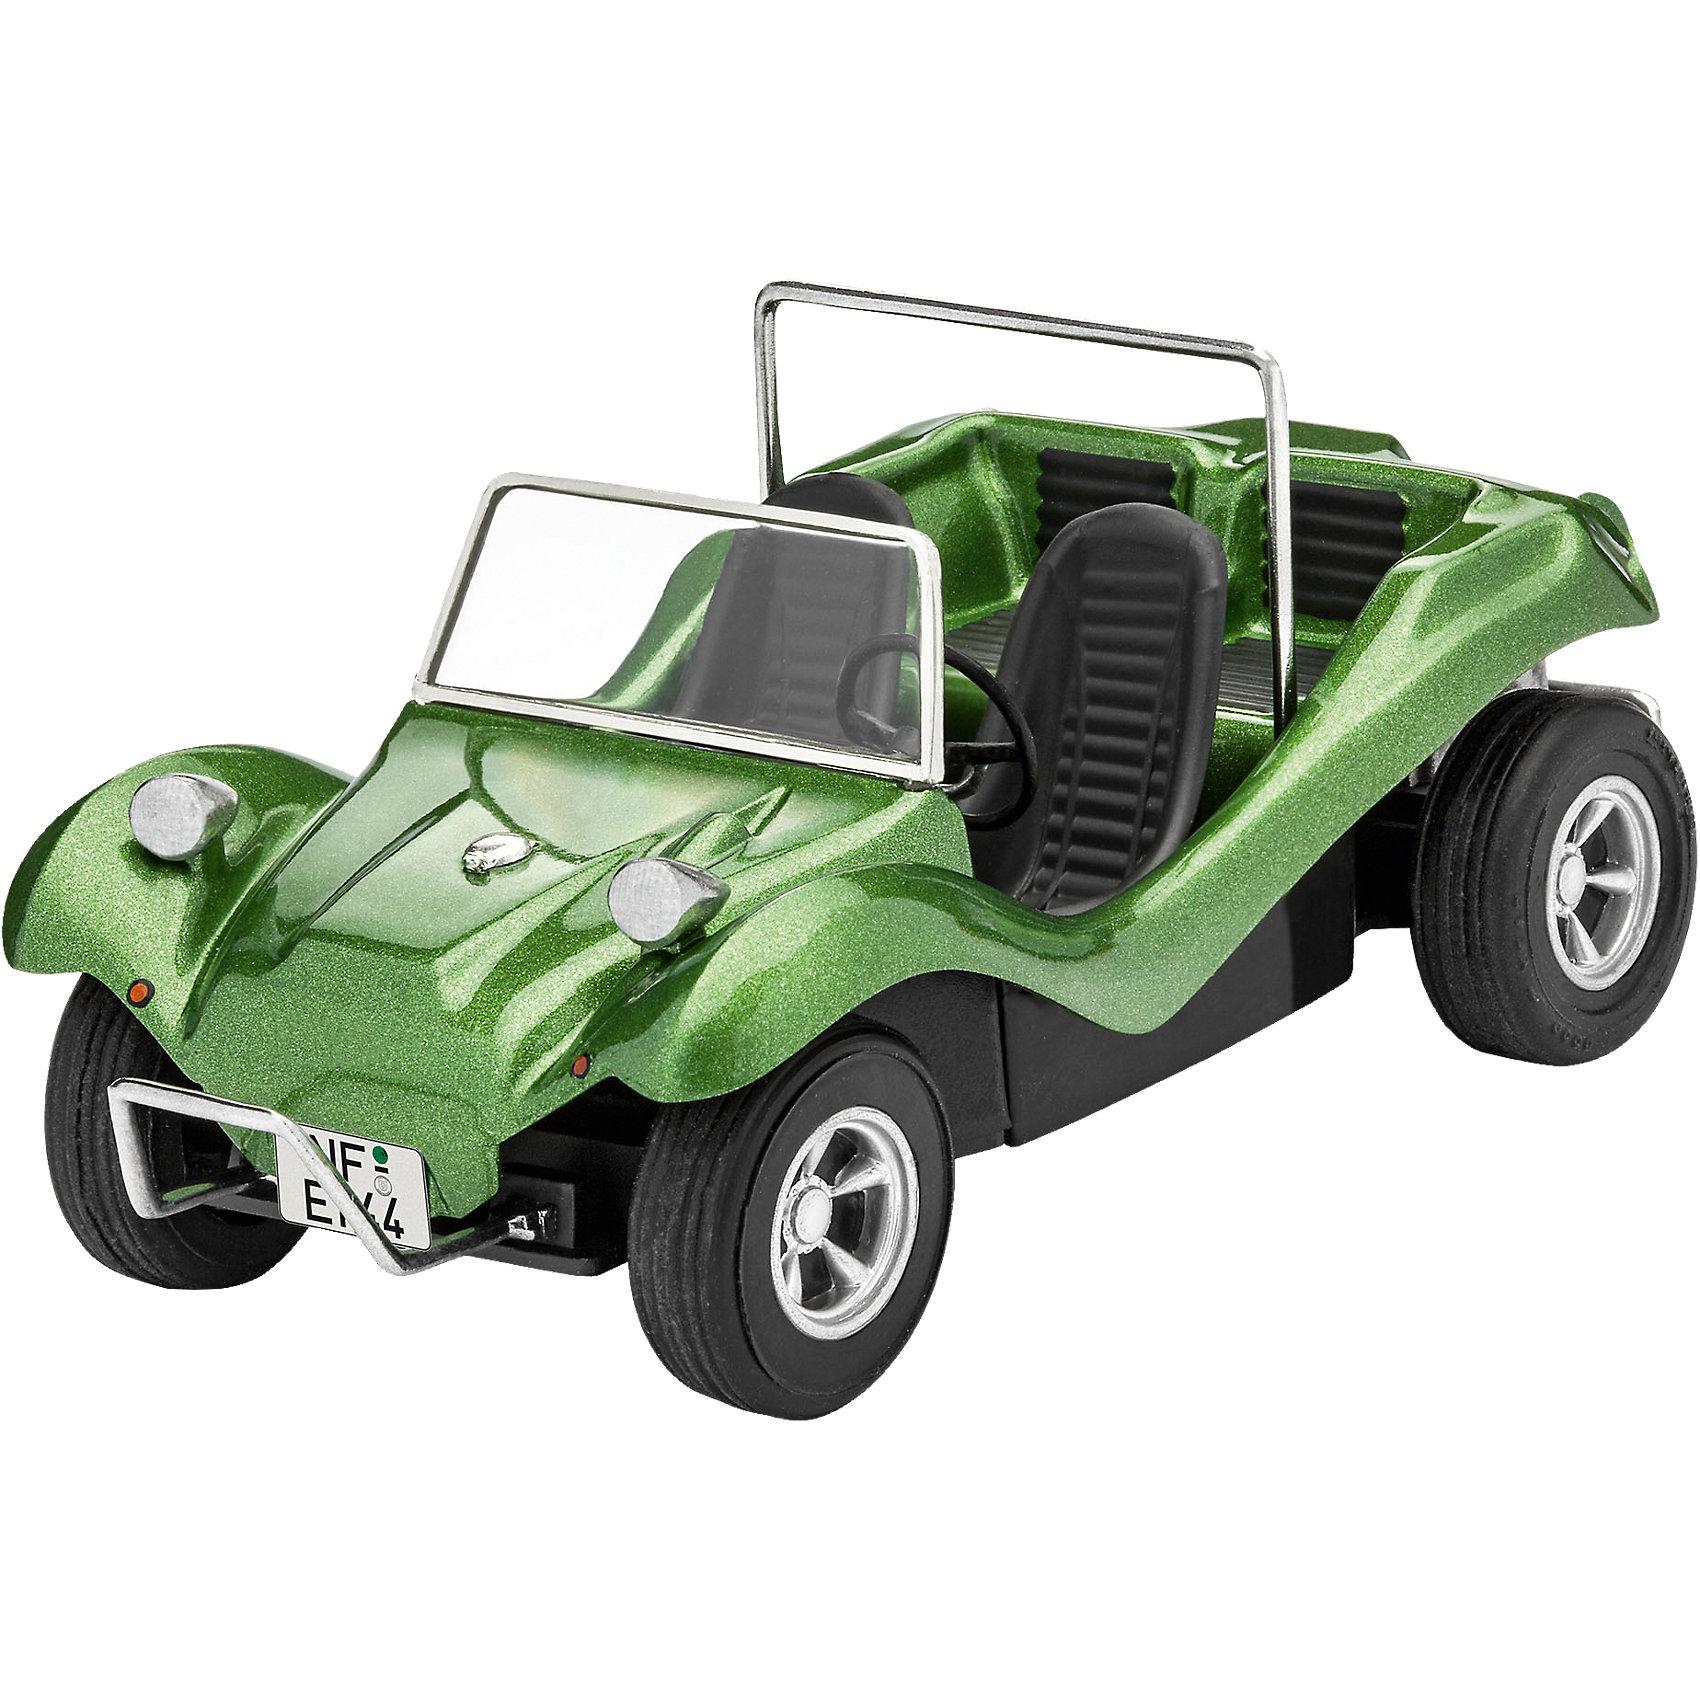 """Автомобиль VW BuggyМодели для склеивания<br>Сборная модель автомобиль VW Buggy в масштабе 1:32 от Revell. В прошлом году немецкая компания возродила линейку своих машинок в 32-ом масштабе и сегодня продолжает ее развивать. К уже выпущенным ранее автомобилям добавляется багги от Фольксвагена.  <br>Модель имеет облегченный процесс сборки и может быть собрана без клея – """"на щелчок"""".  Оси машины представлены в виде двух металлических штырьков, которые позволят колесам вращаться. Корпус машинки уже окрашен в базовый зеленый цвет.  <br>В наборе 22 детали для сборки и декали с символикой VW и номерными знаками ведущих европейский стран. <br>Для детей от 10 лет.<br><br>Ширина мм: 316<br>Глубина мм: 184<br>Высота мм: 50<br>Вес г: 152<br>Возраст от месяцев: 120<br>Возраст до месяцев: 168<br>Пол: Мужской<br>Возраст: Детский<br>SKU: 5311348"""